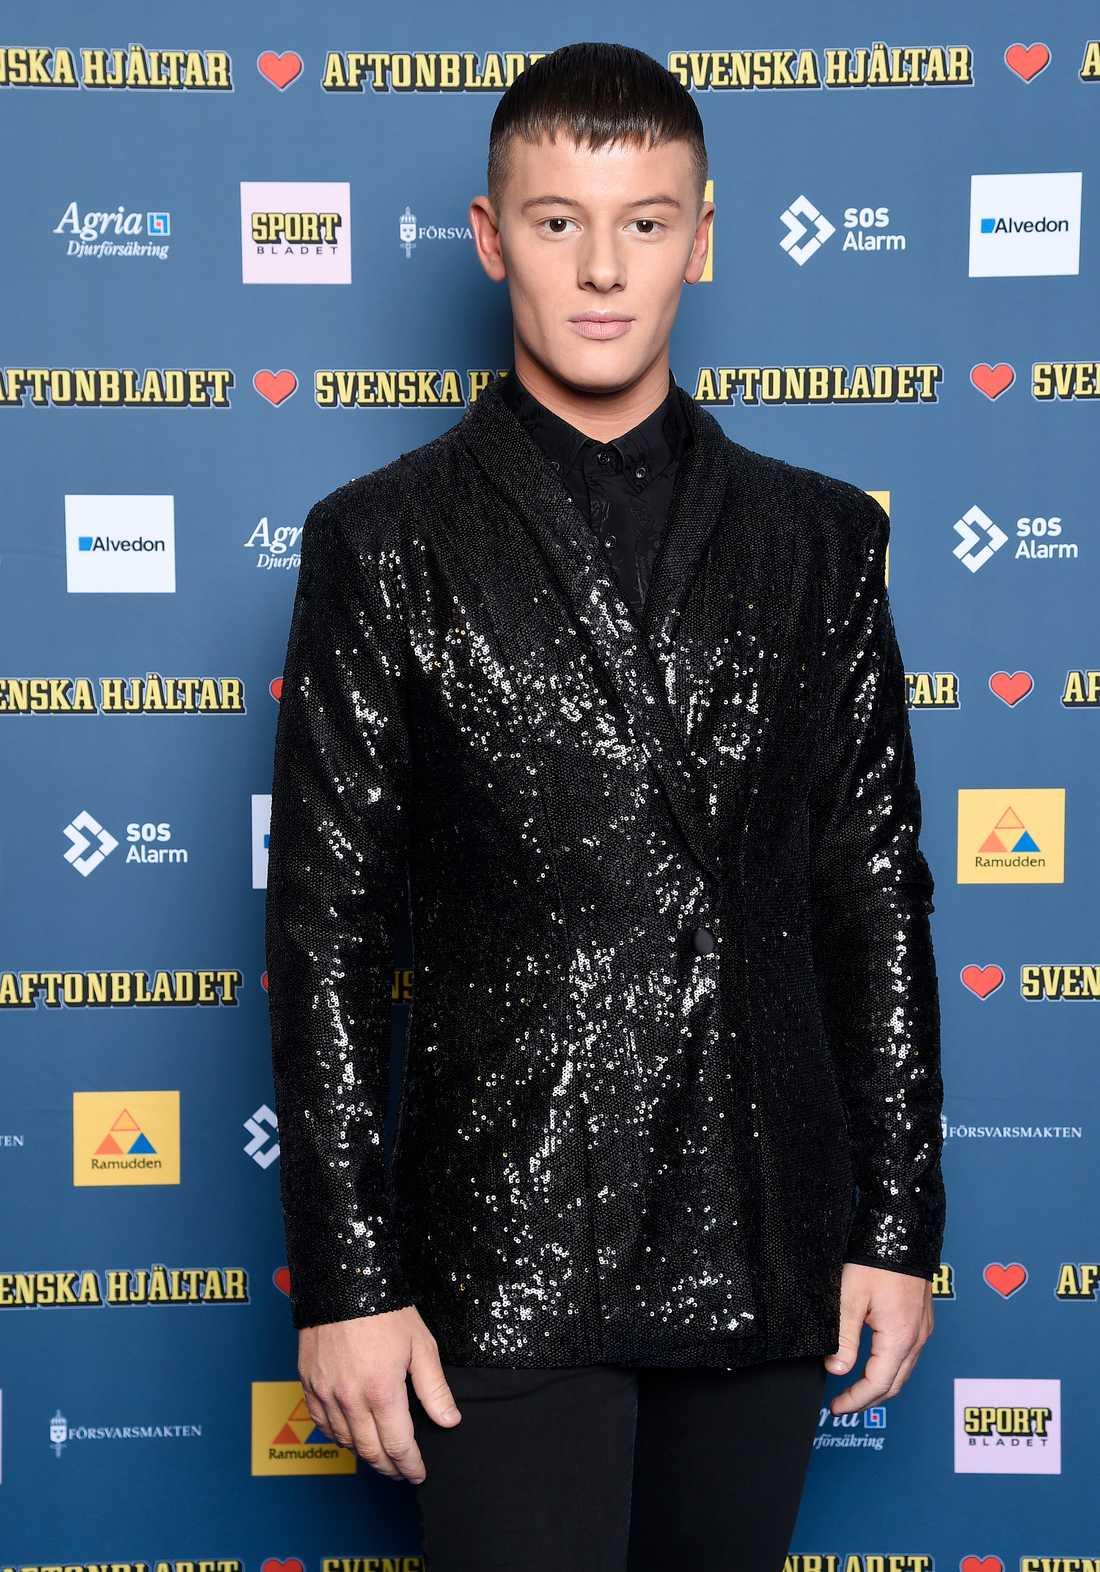 Årets Idolvinnare, Sebastian Walldén, glänste i paljettkavaj.